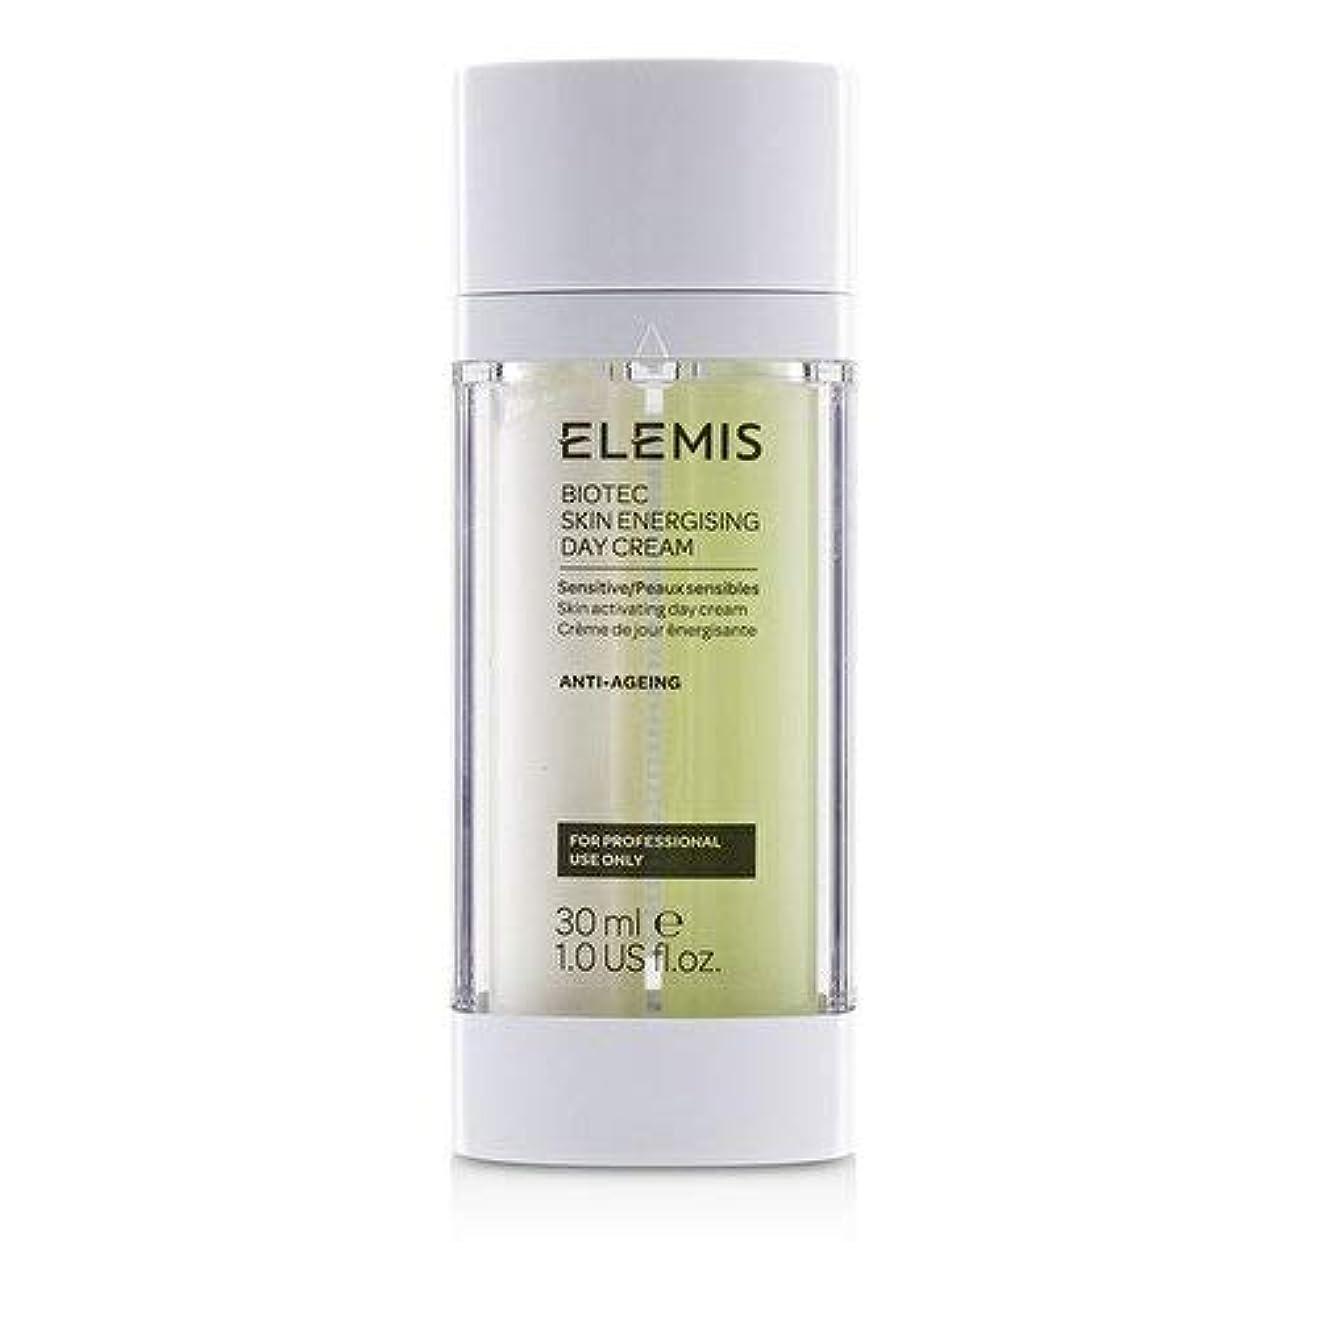 保育園相談枯れるエレミス BIOTEC Skin Energising Day Cream - Sensitive (Salon Product) 30ml/1oz並行輸入品